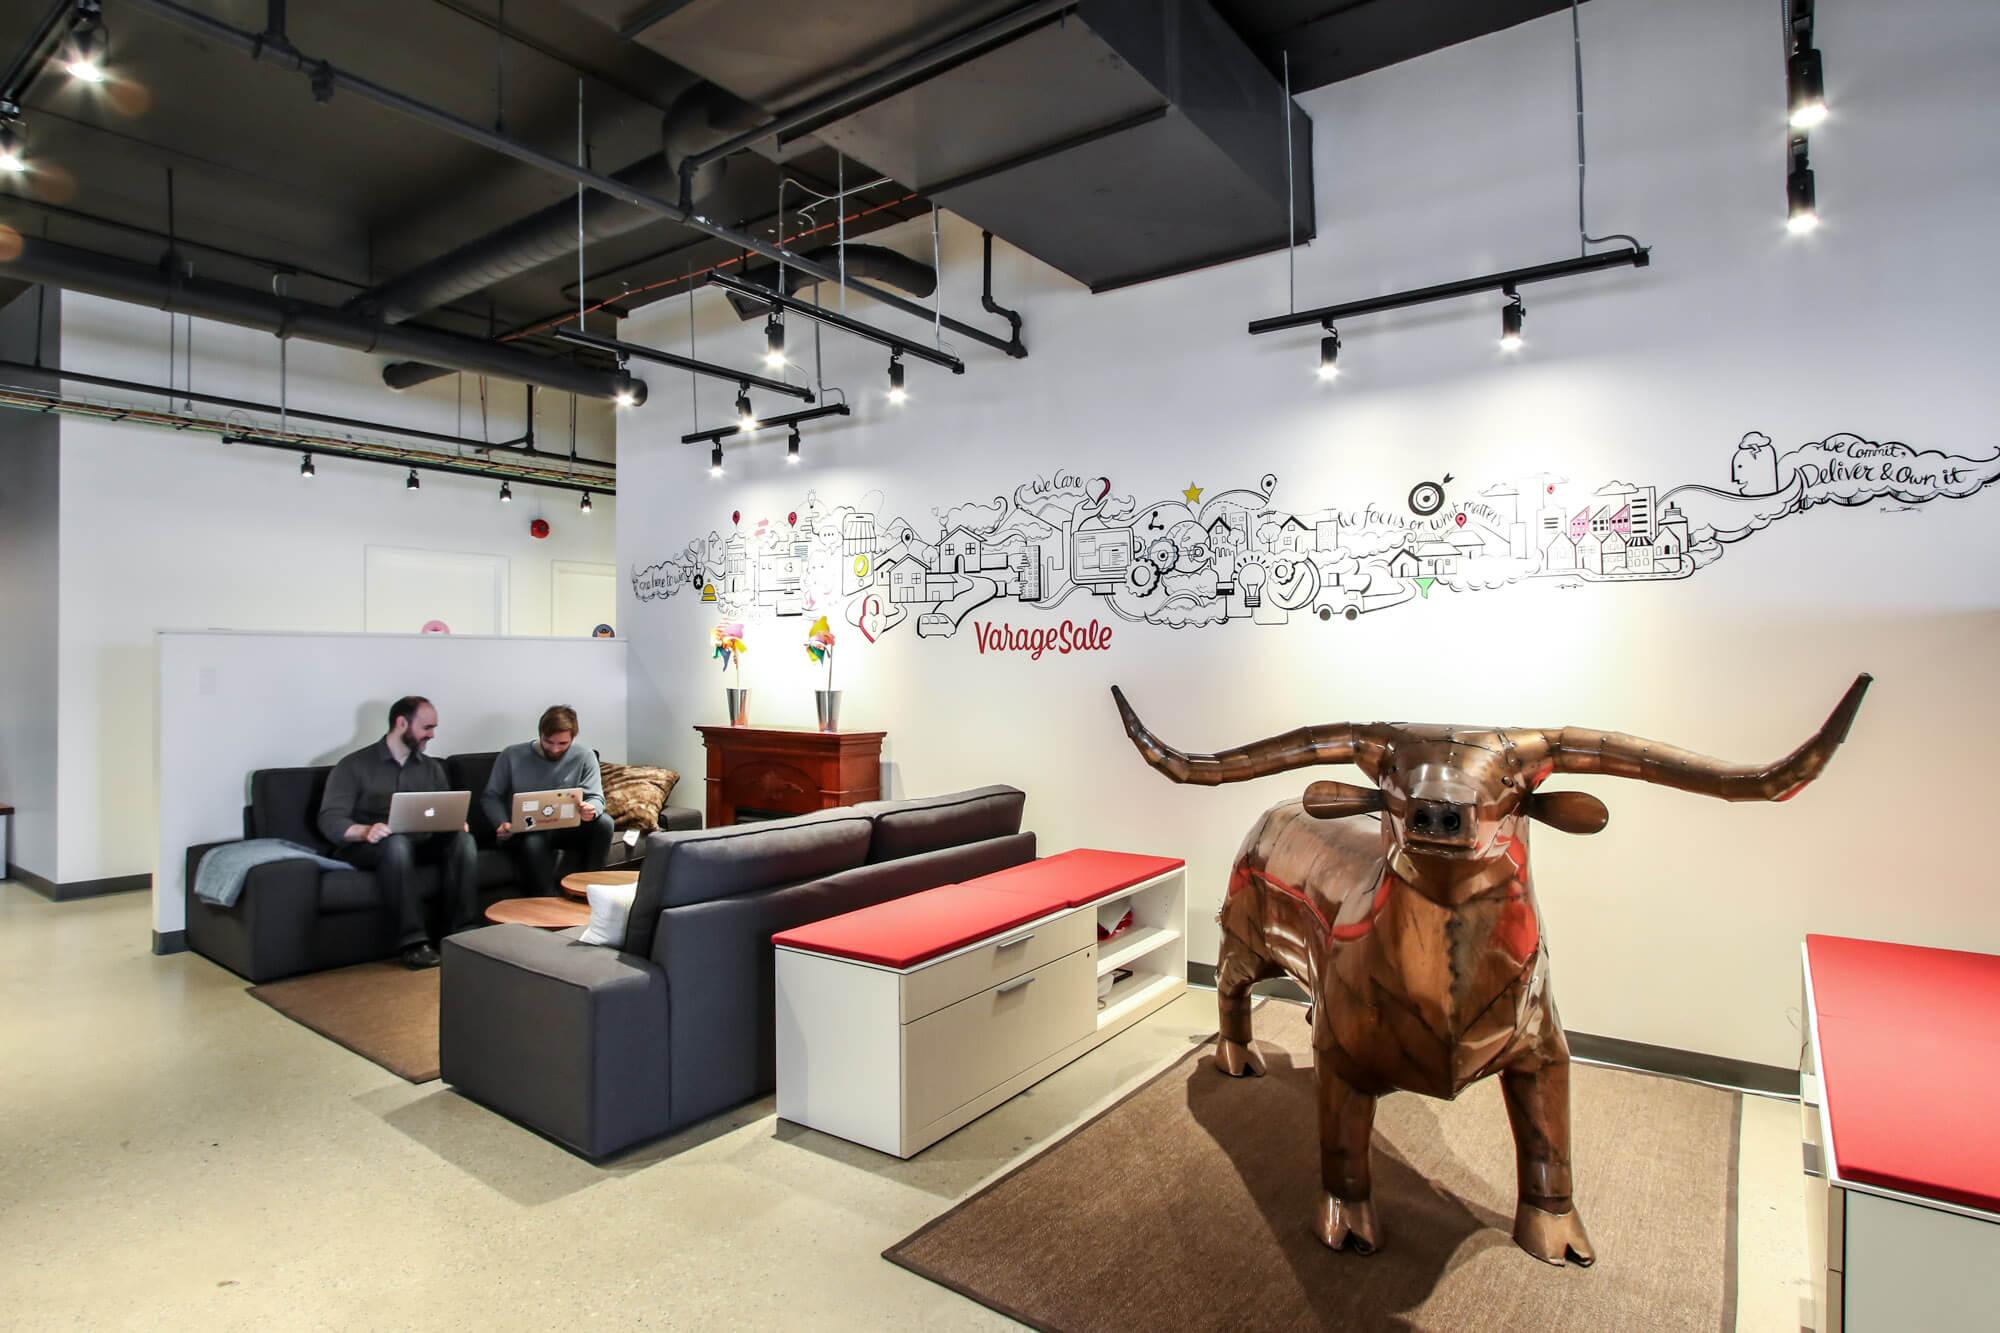 Varagesale Office Killer Spaces-7